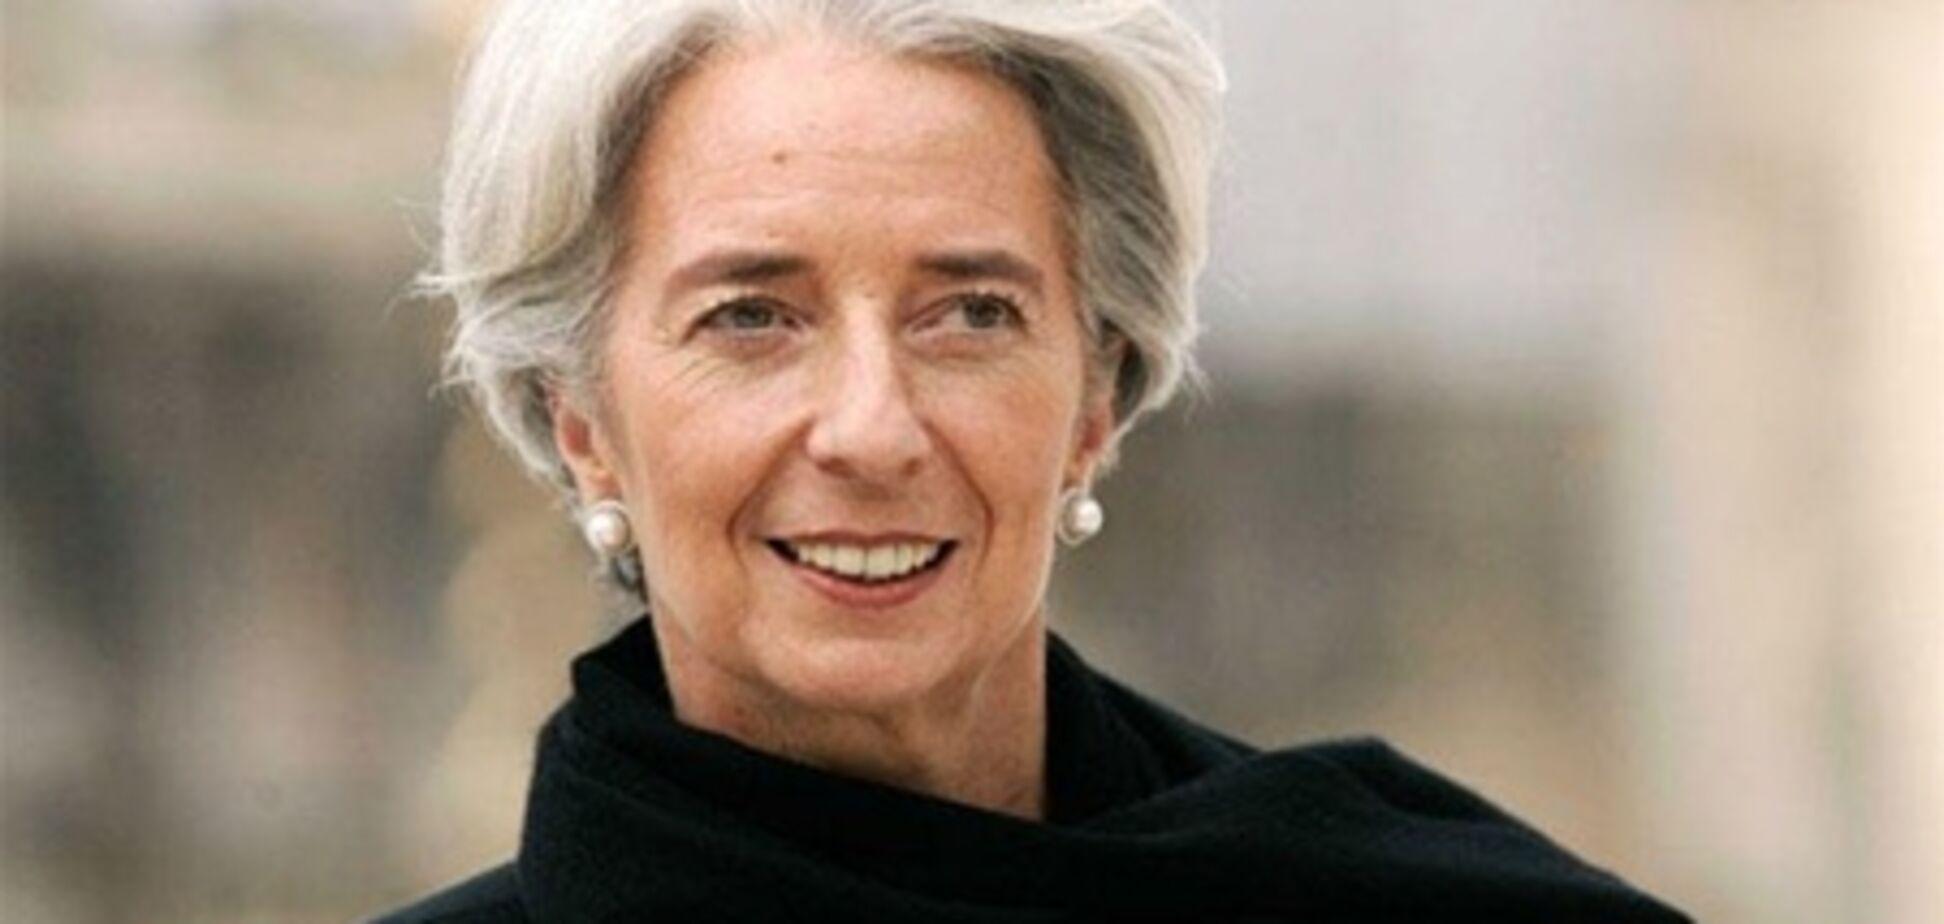 Лагард: МВФ понадобится увеличить свой капитал, чтобы справиться с кризисом